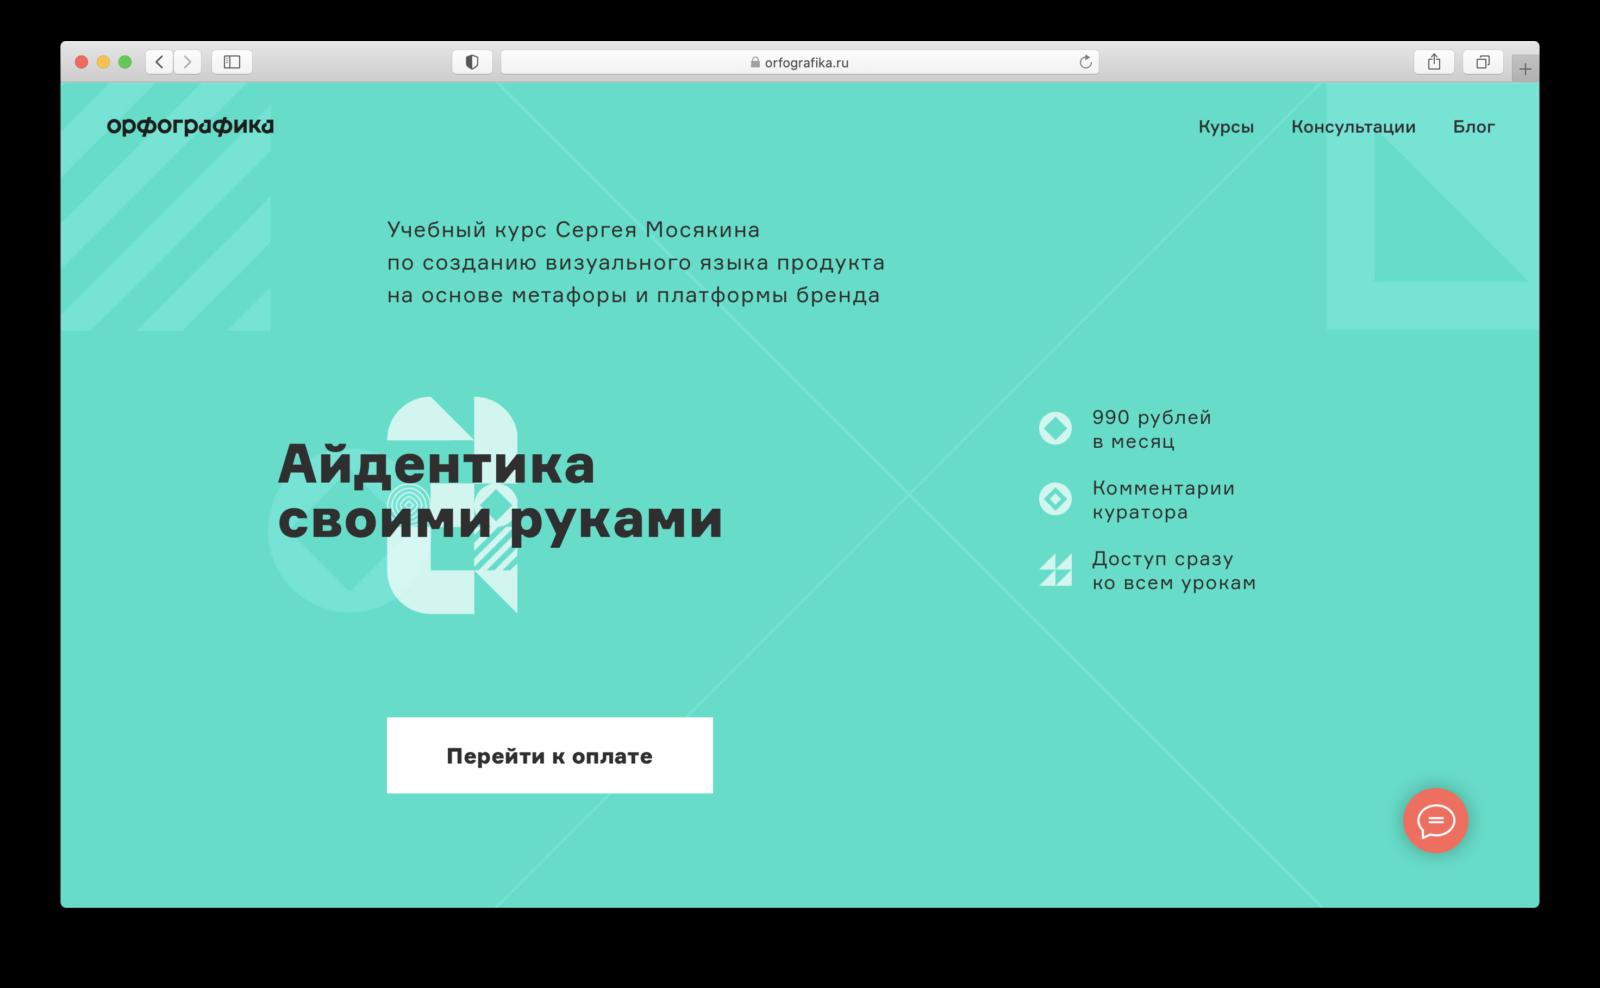 Курс Сергея Мосякина по созданию визуального языка бренда на основе платформы бренда и метафоры.